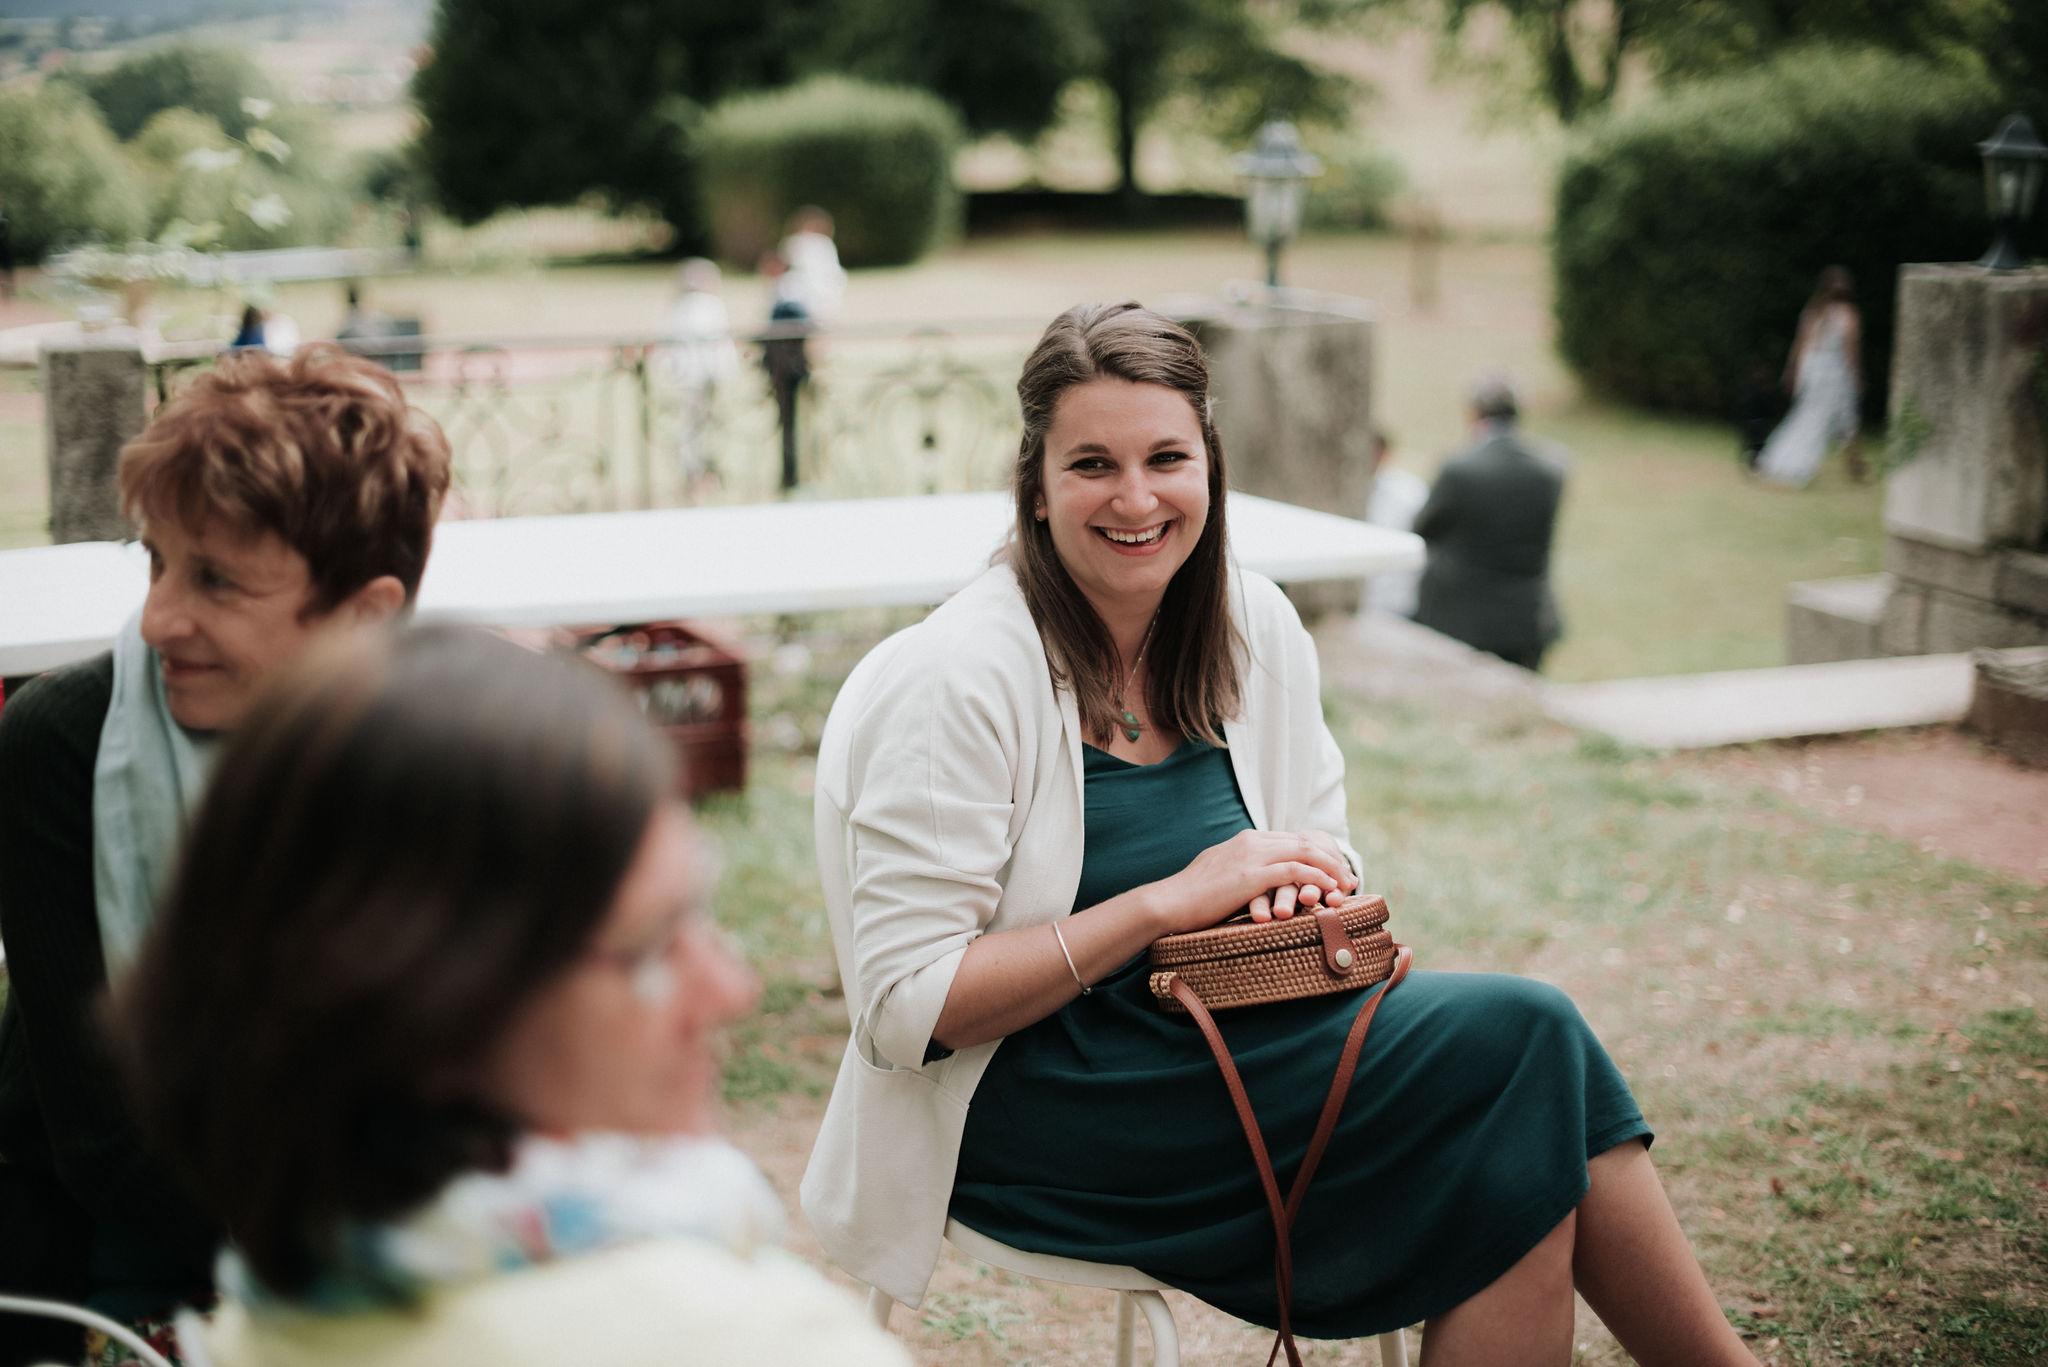 Léa-Fery-photographe-professionnel-lyon-rhone-alpes-portrait-creation-mariage-evenement-evenementiel-famille-6784.jpg